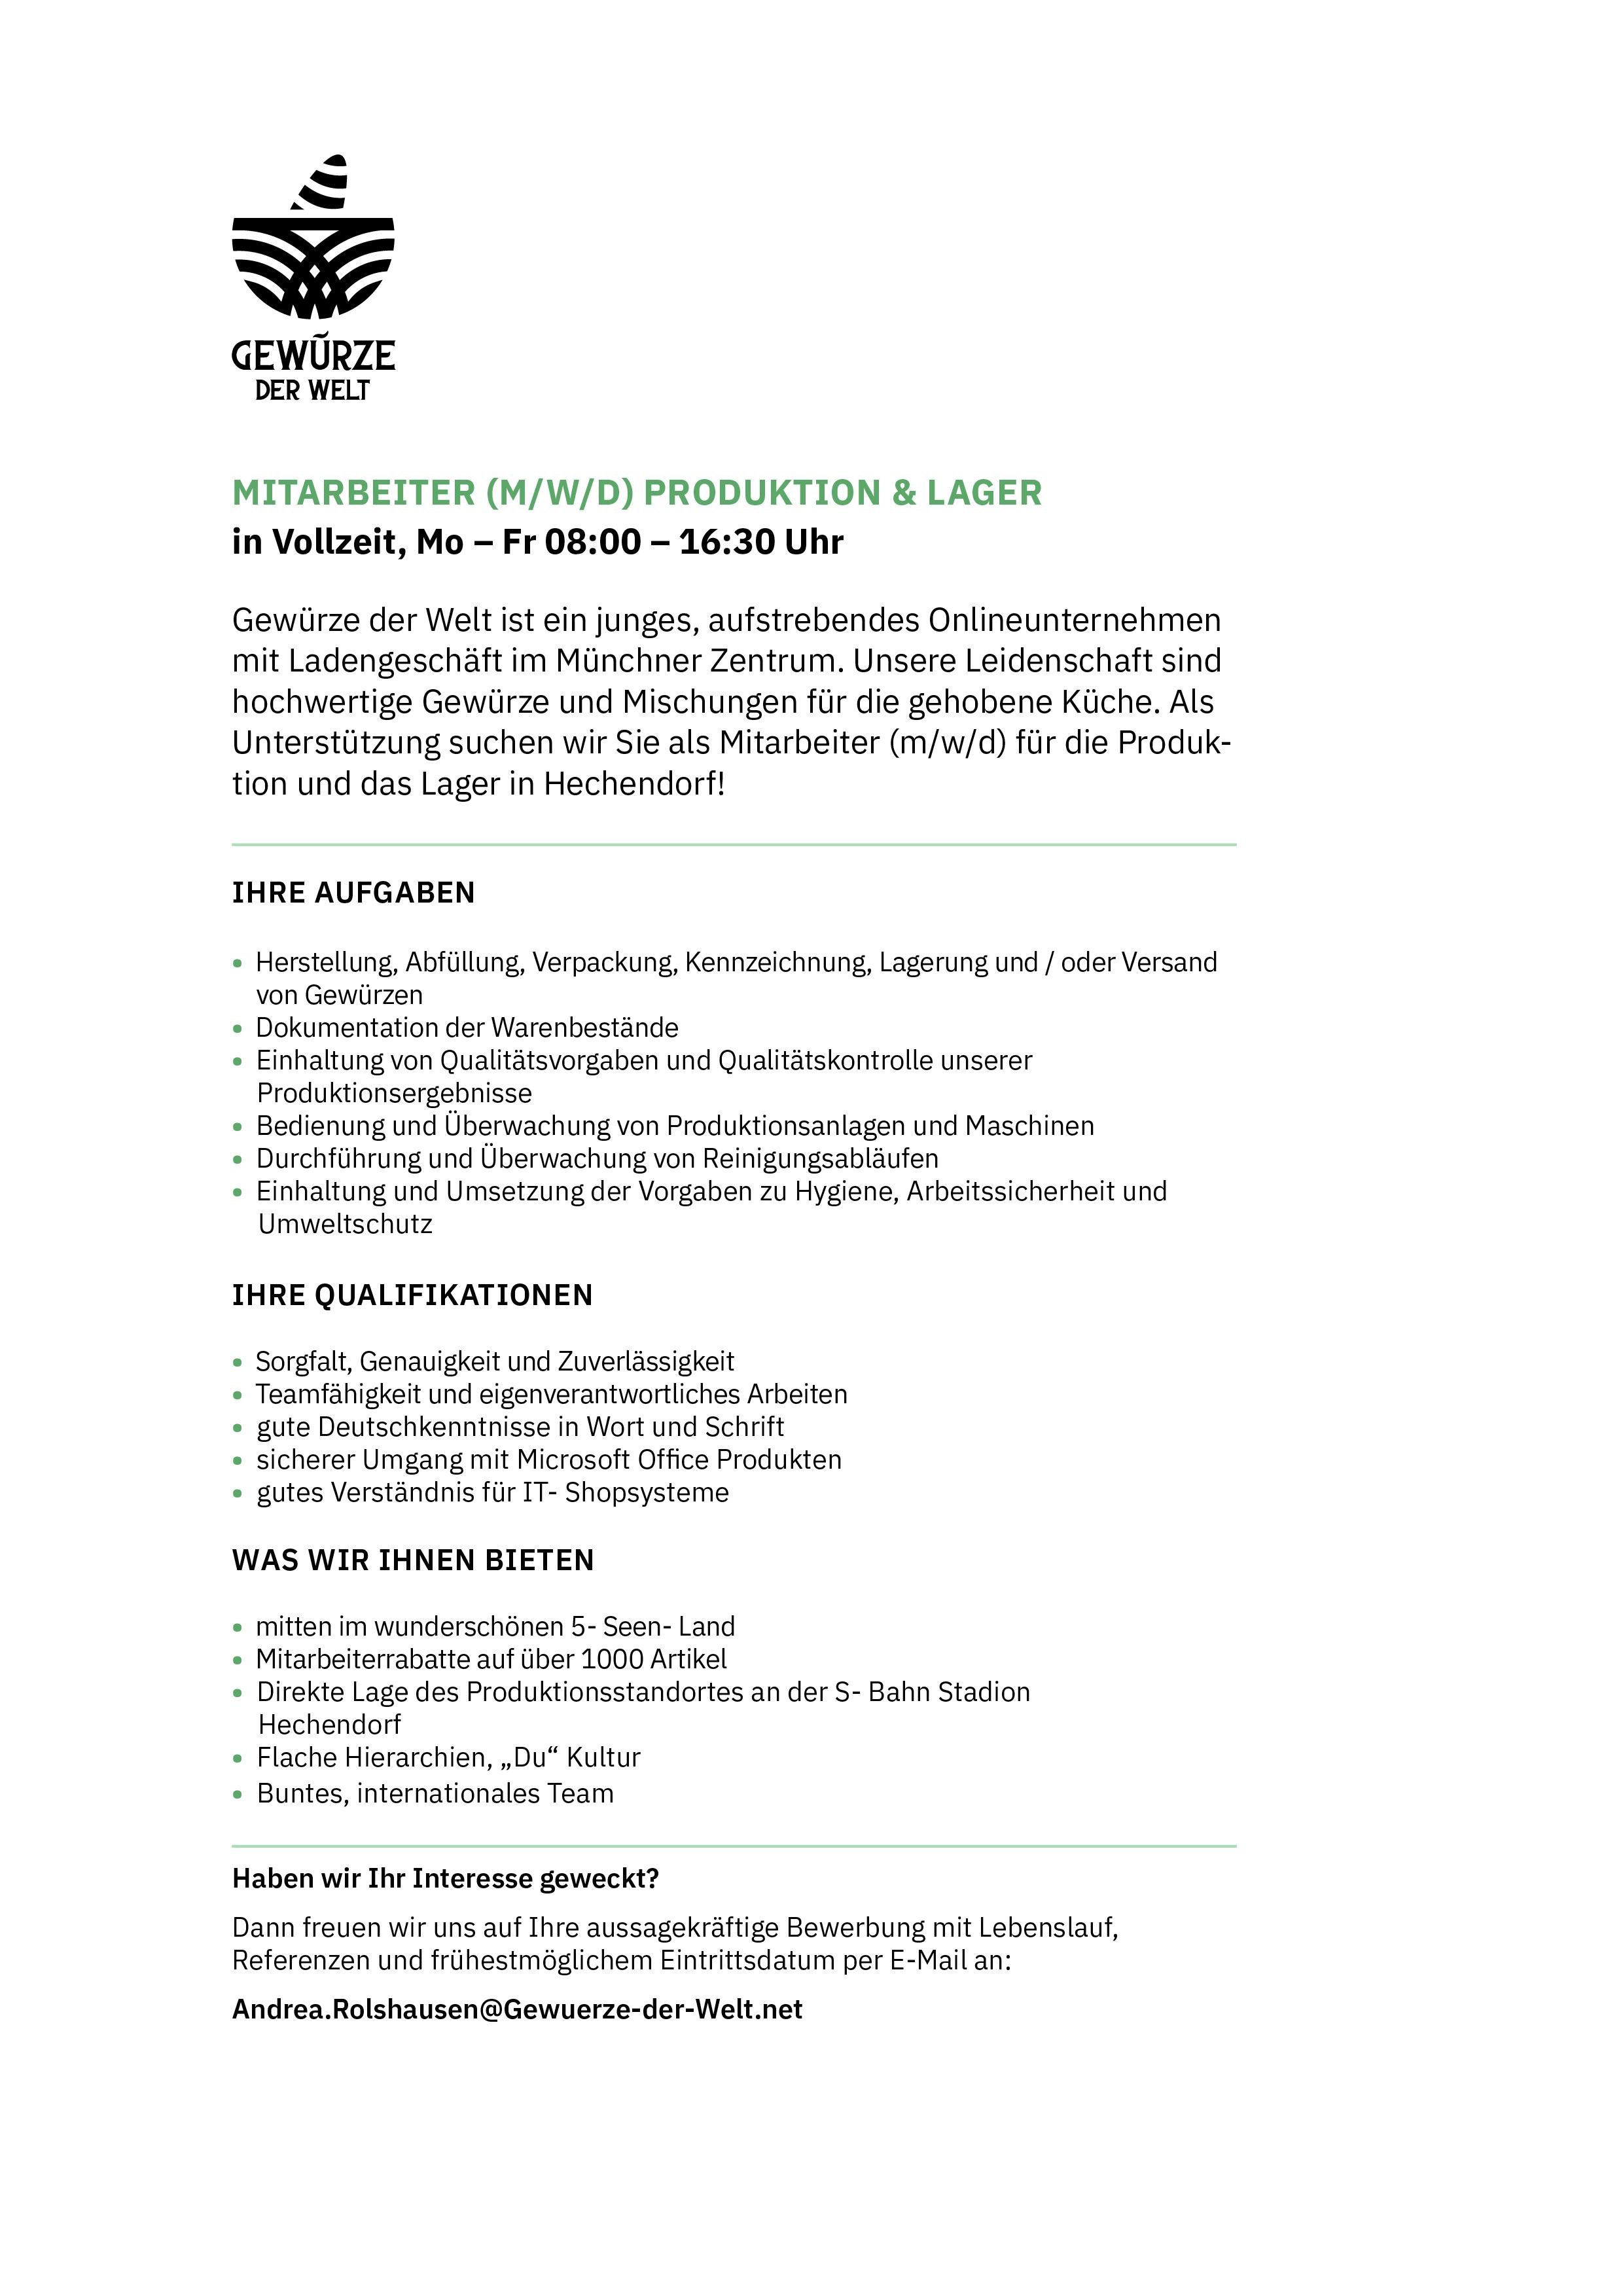 05-08-2020_Produktion_Lager_Stellenausschreibung